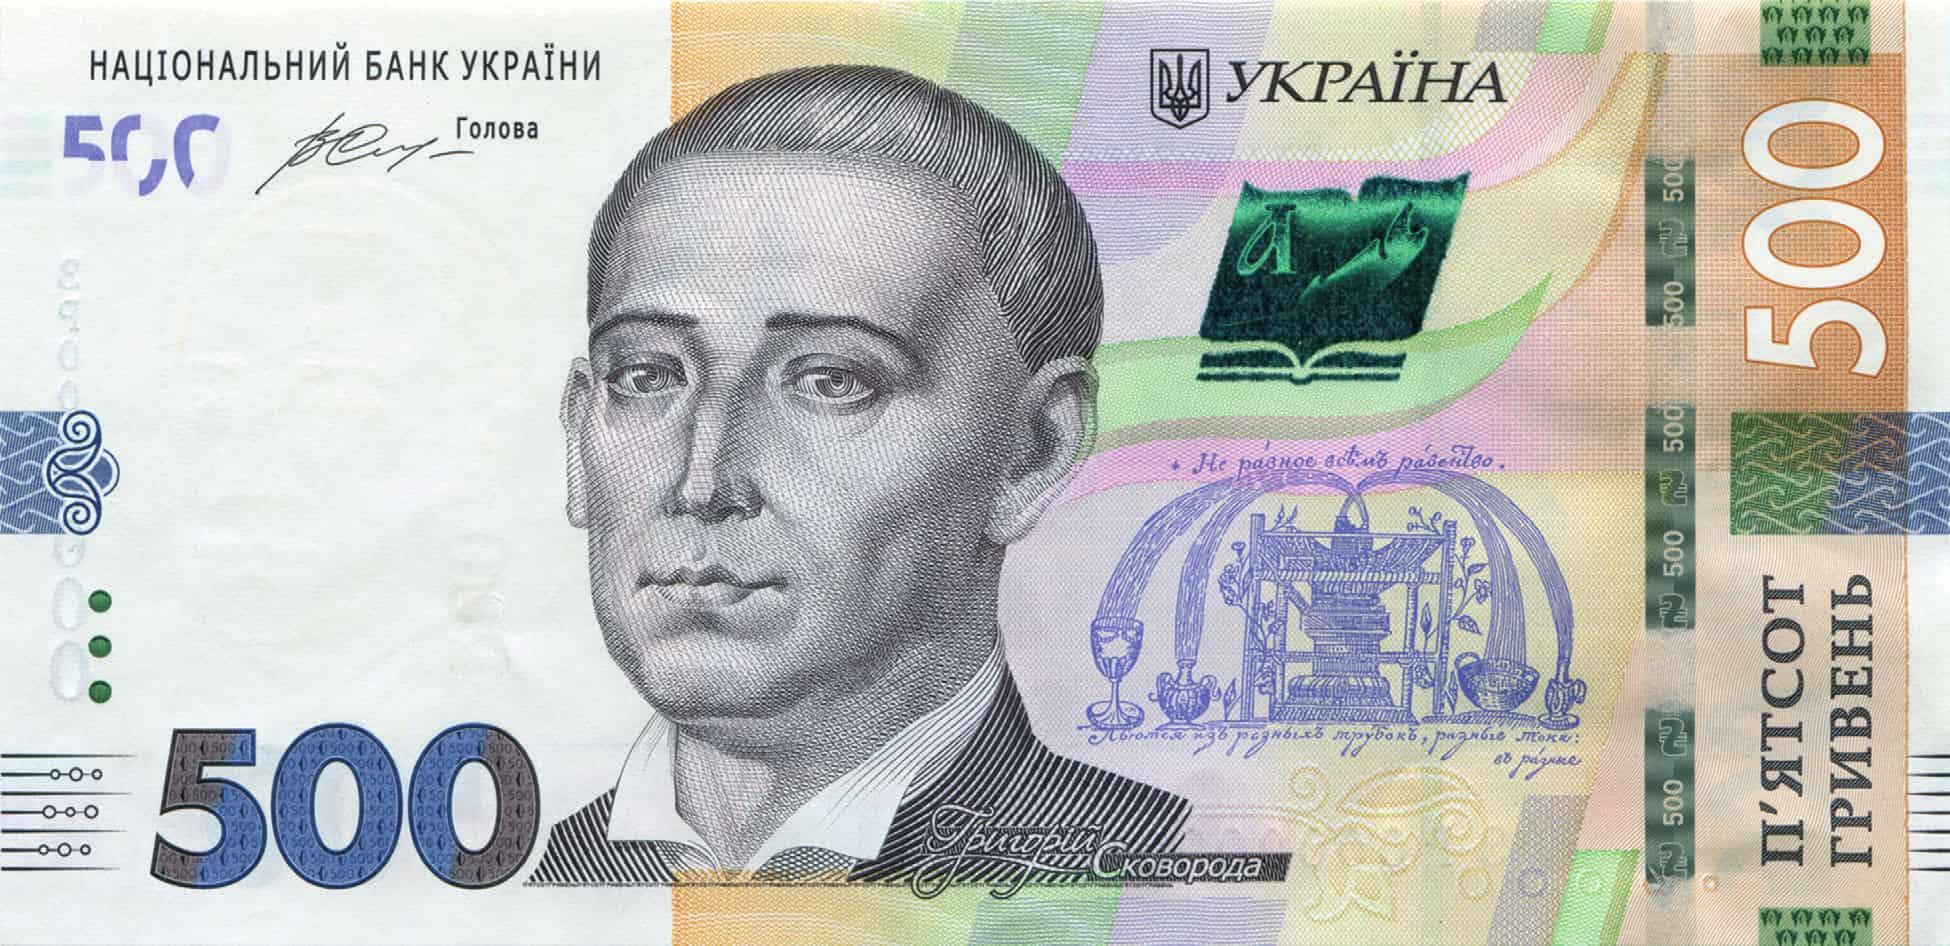 2000 rub